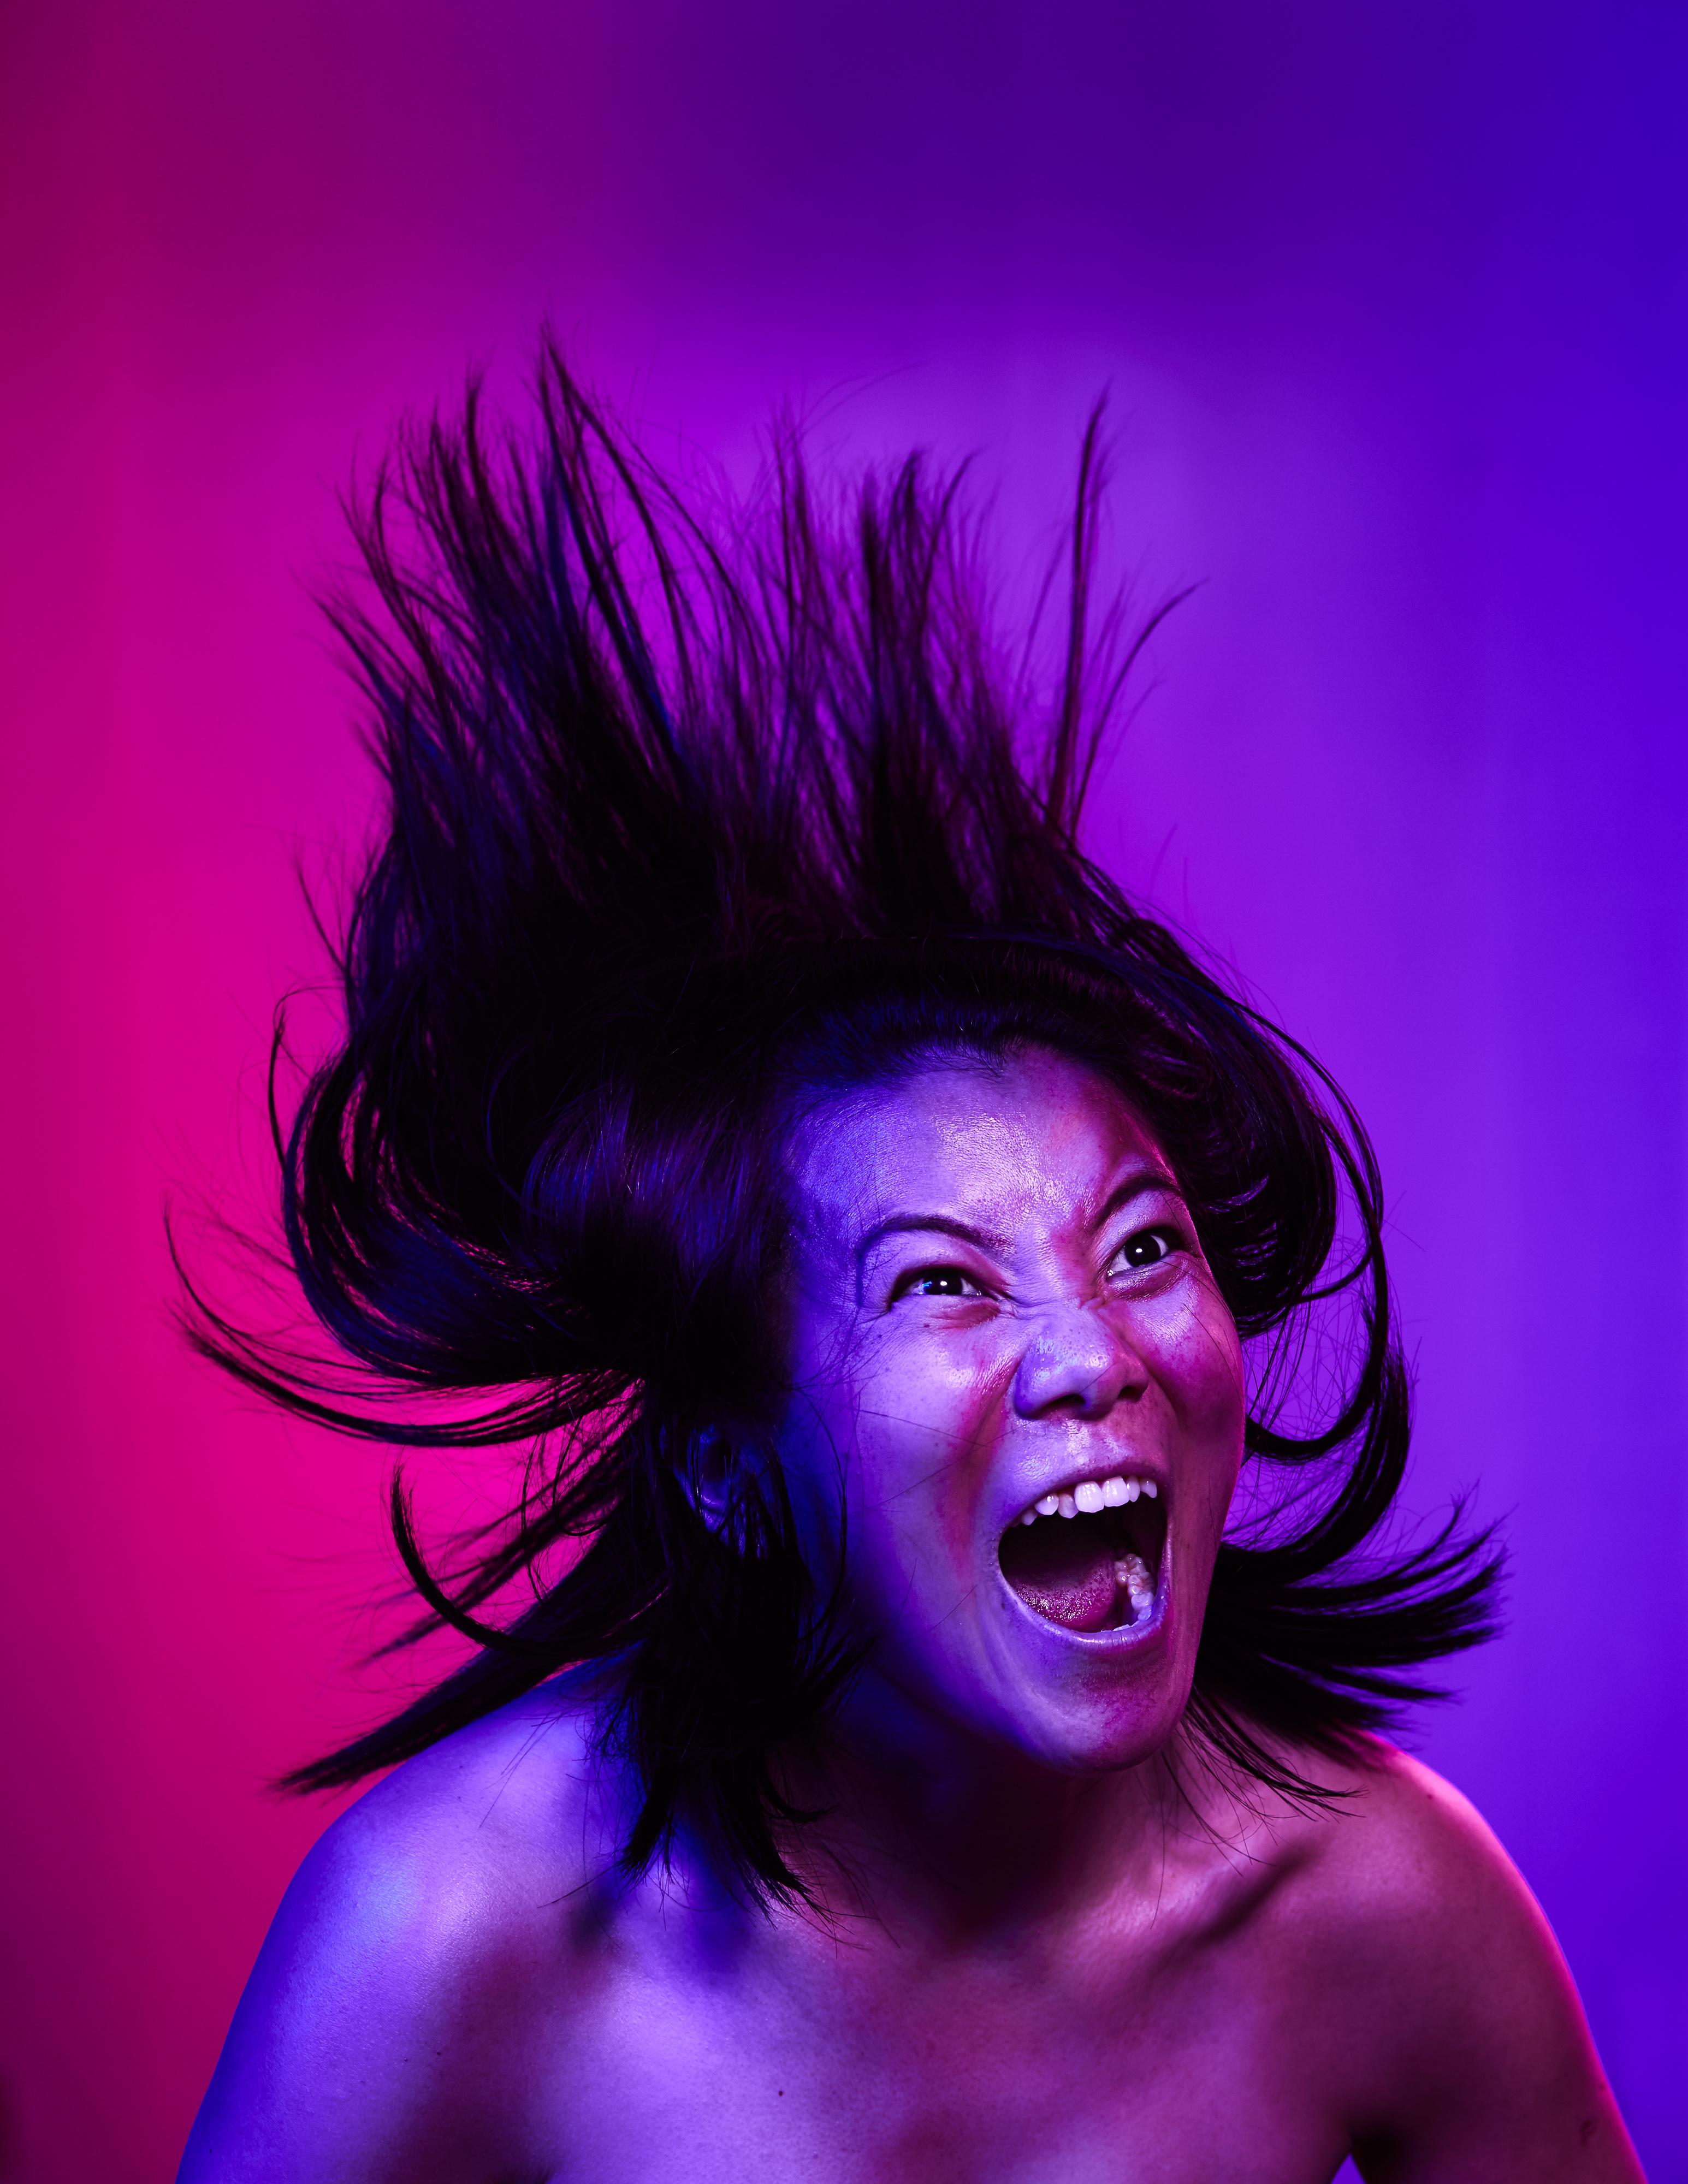 《復仇變奏曲》/人物:黃安婷/類別:宣傳照片、《復仇變奏曲》/攝影:Ivor Houlker/(天台製作 • 香港專業劇團)